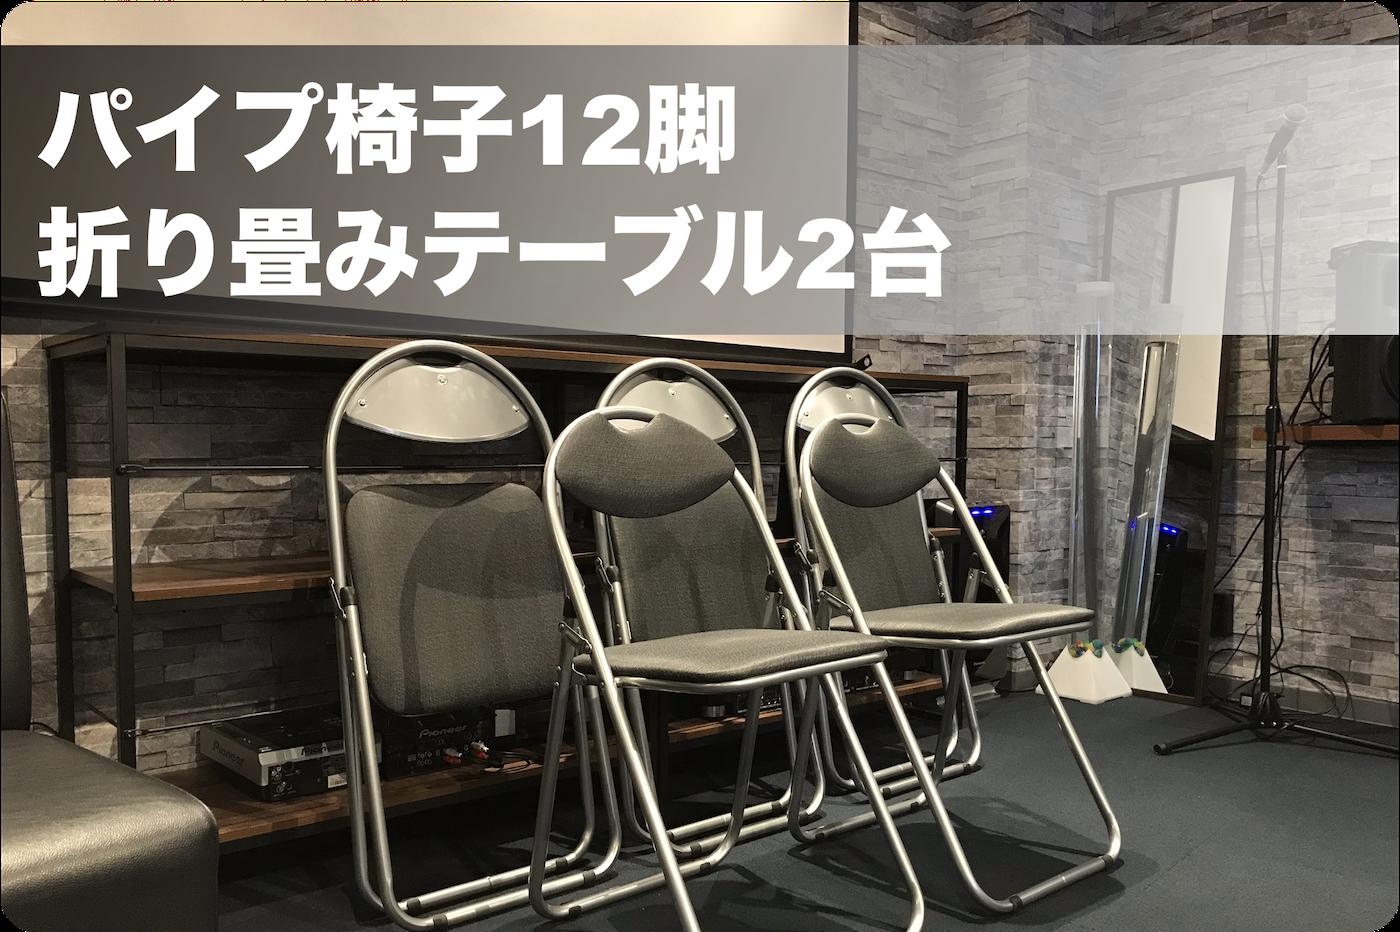 パイプ椅子12脚 折り畳みテーブル2台